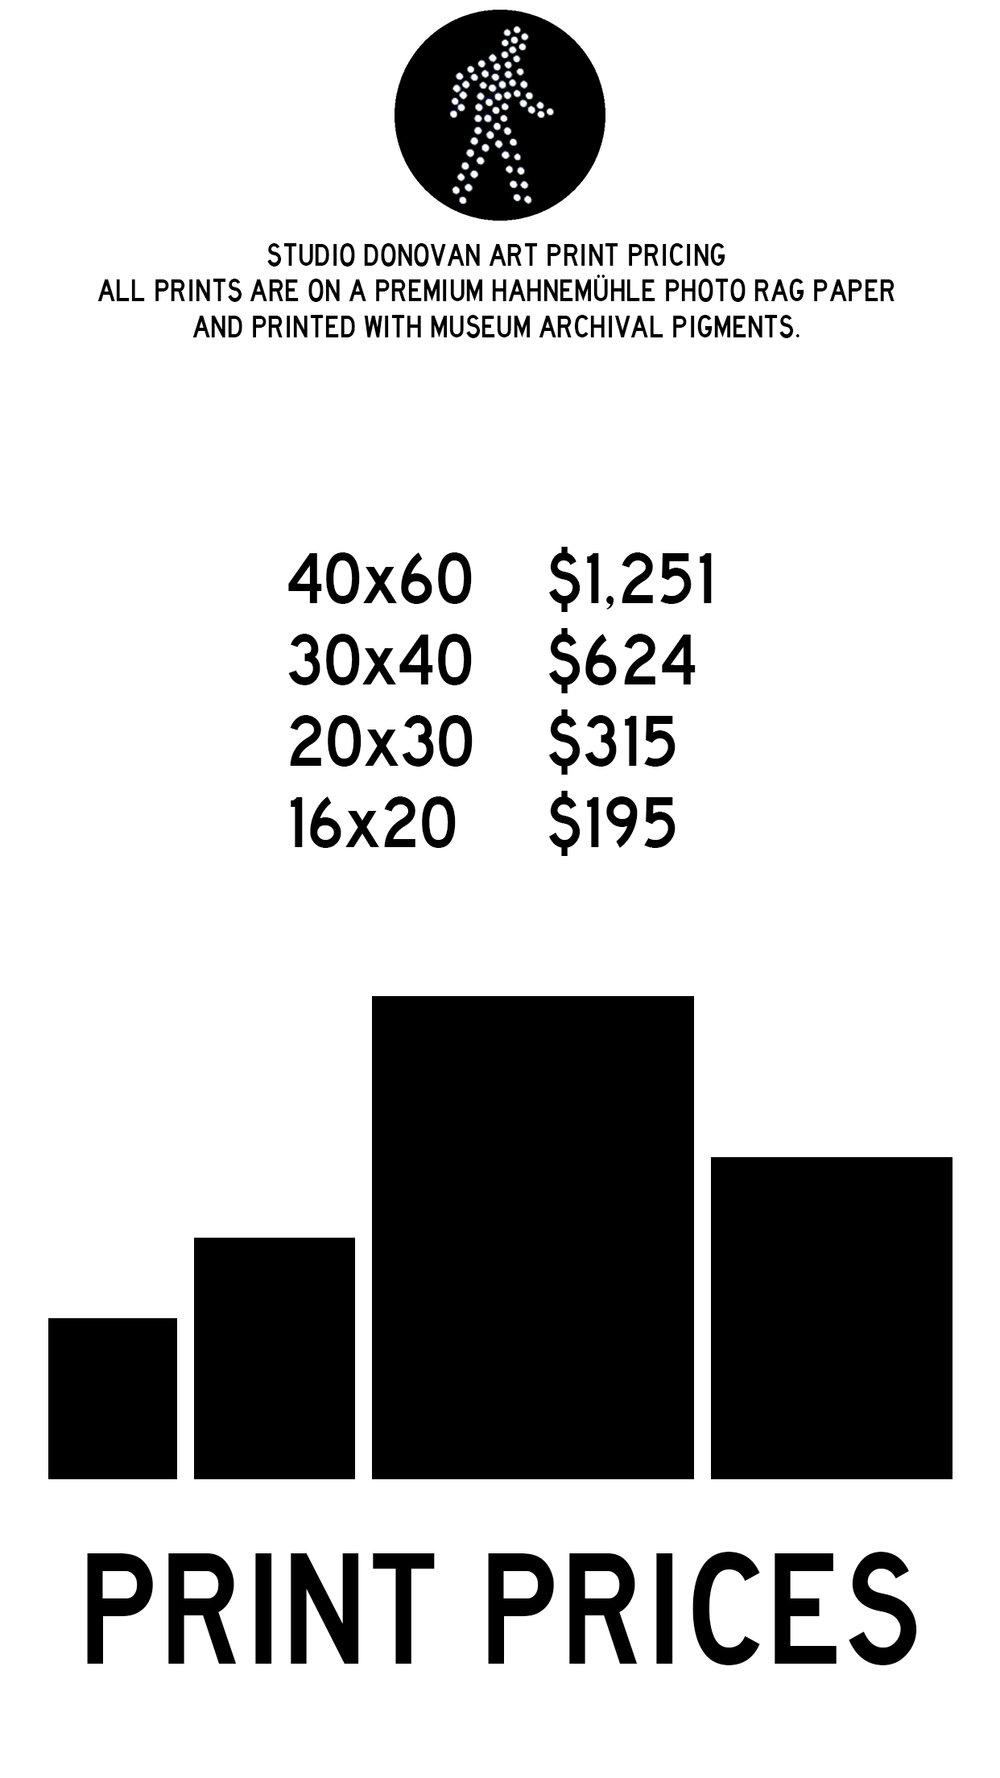 Prints Pricing 2018.jpg